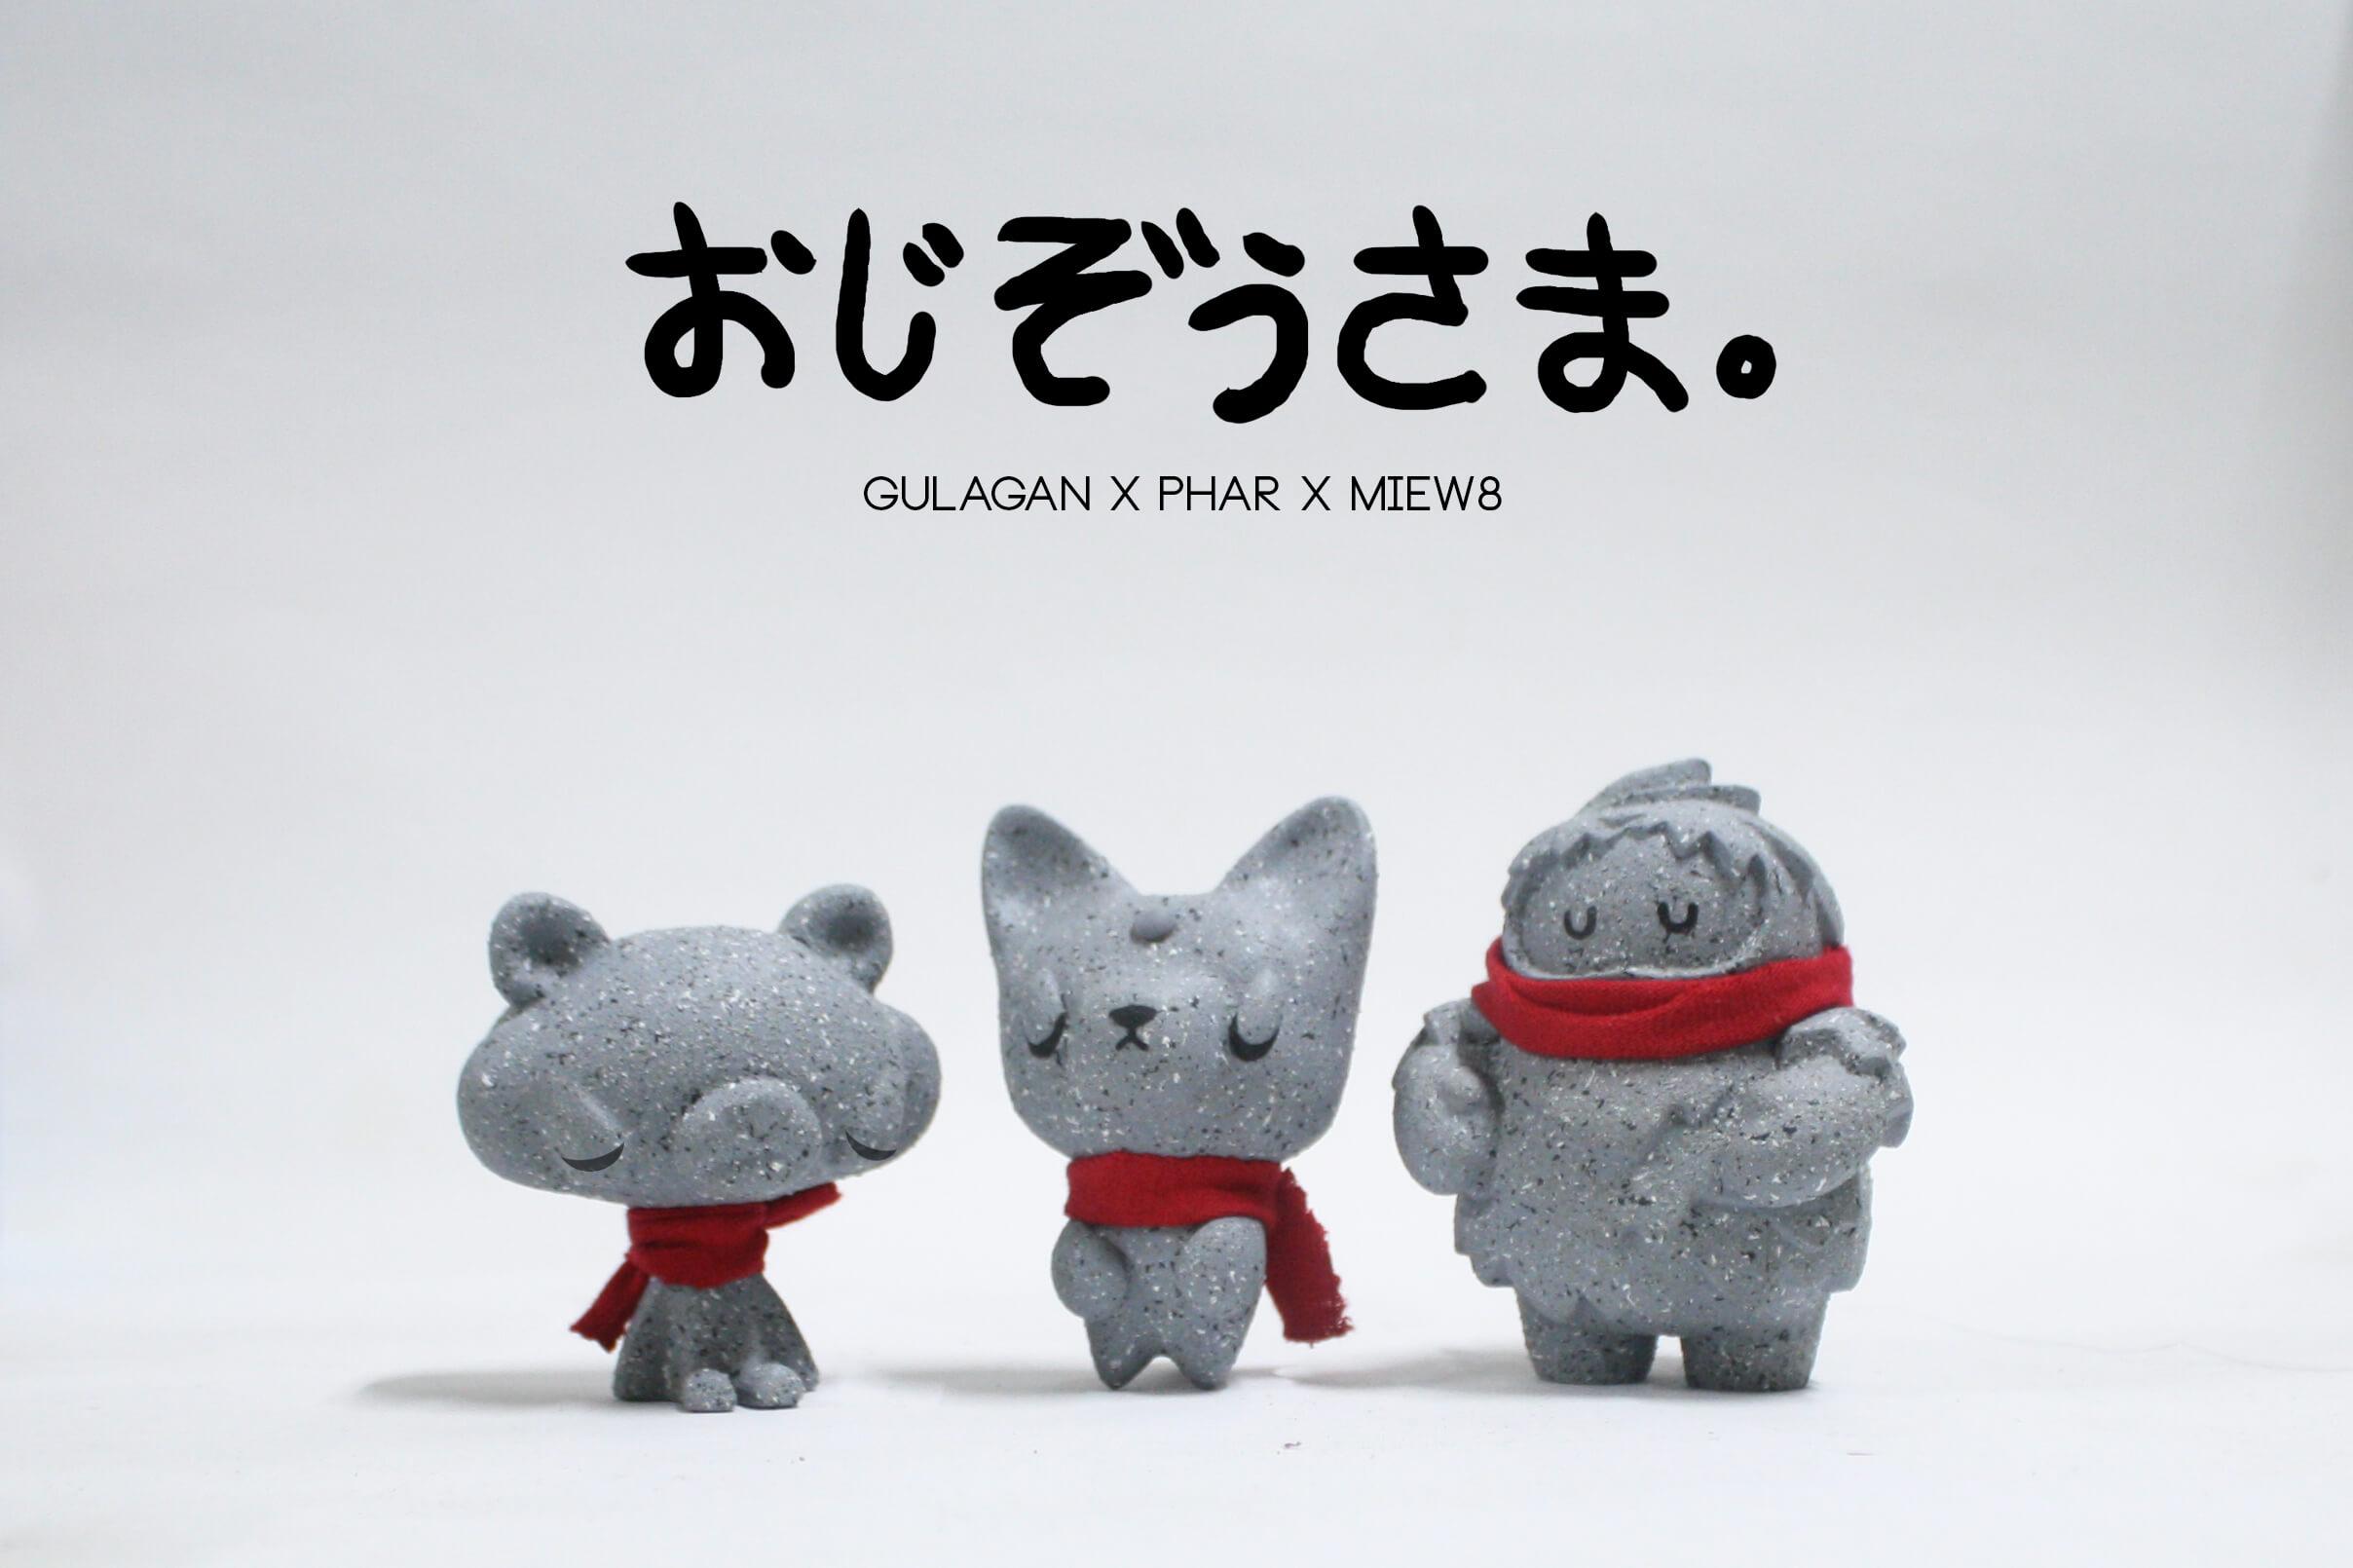 Ojiso-sama Jiso-sama Edition by GULAGAN x PHAR x Miew8